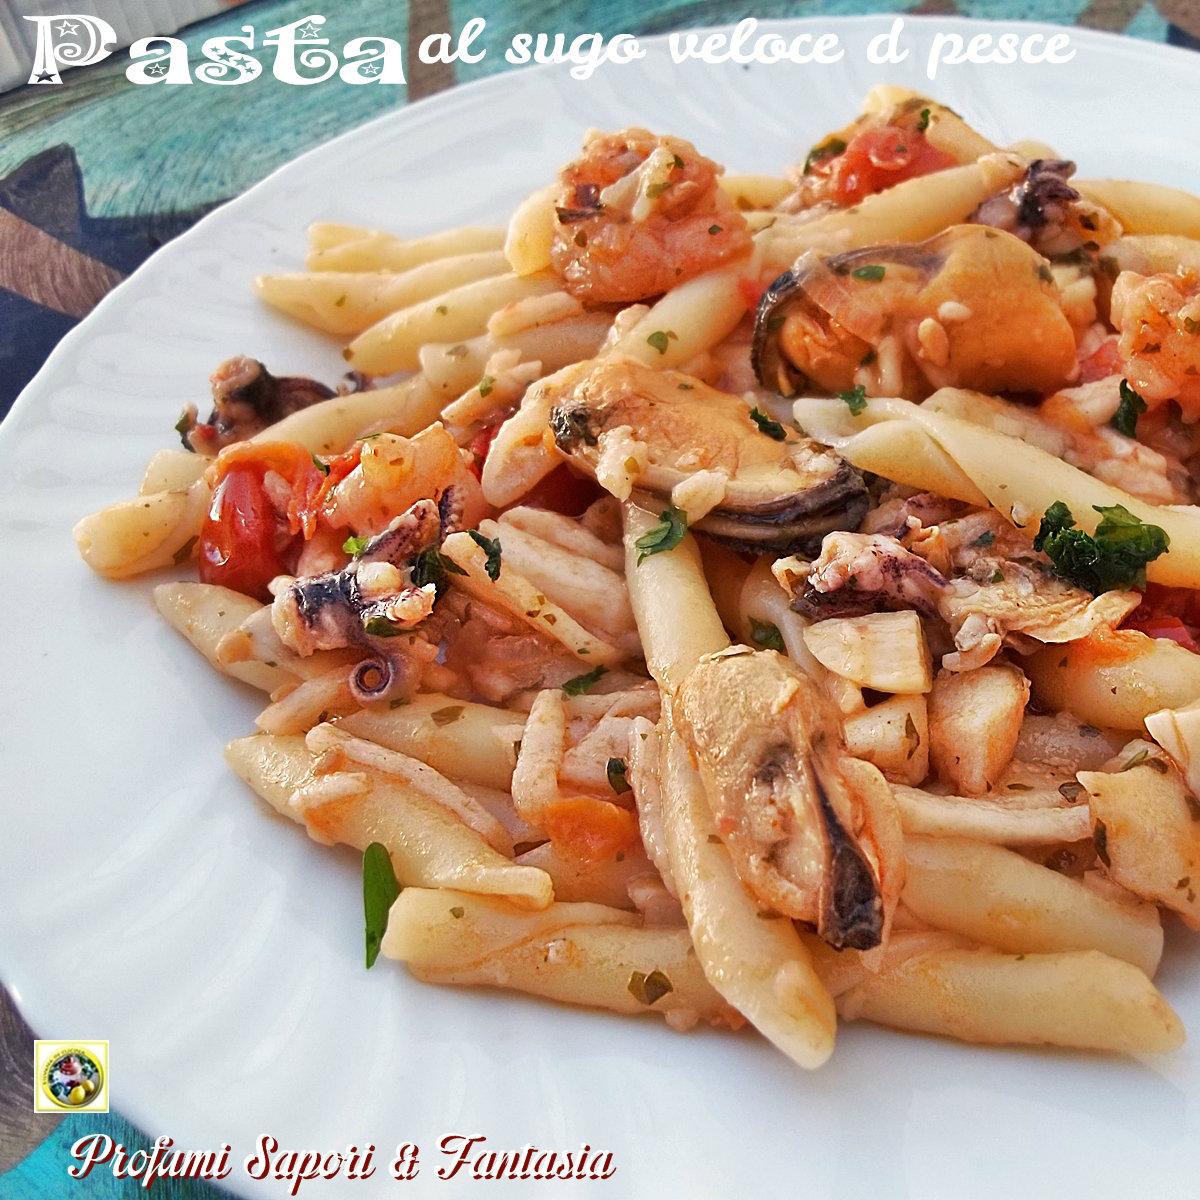 Pasta al sugo veloce di pesce Blog Profumi Sapori & Fantasia